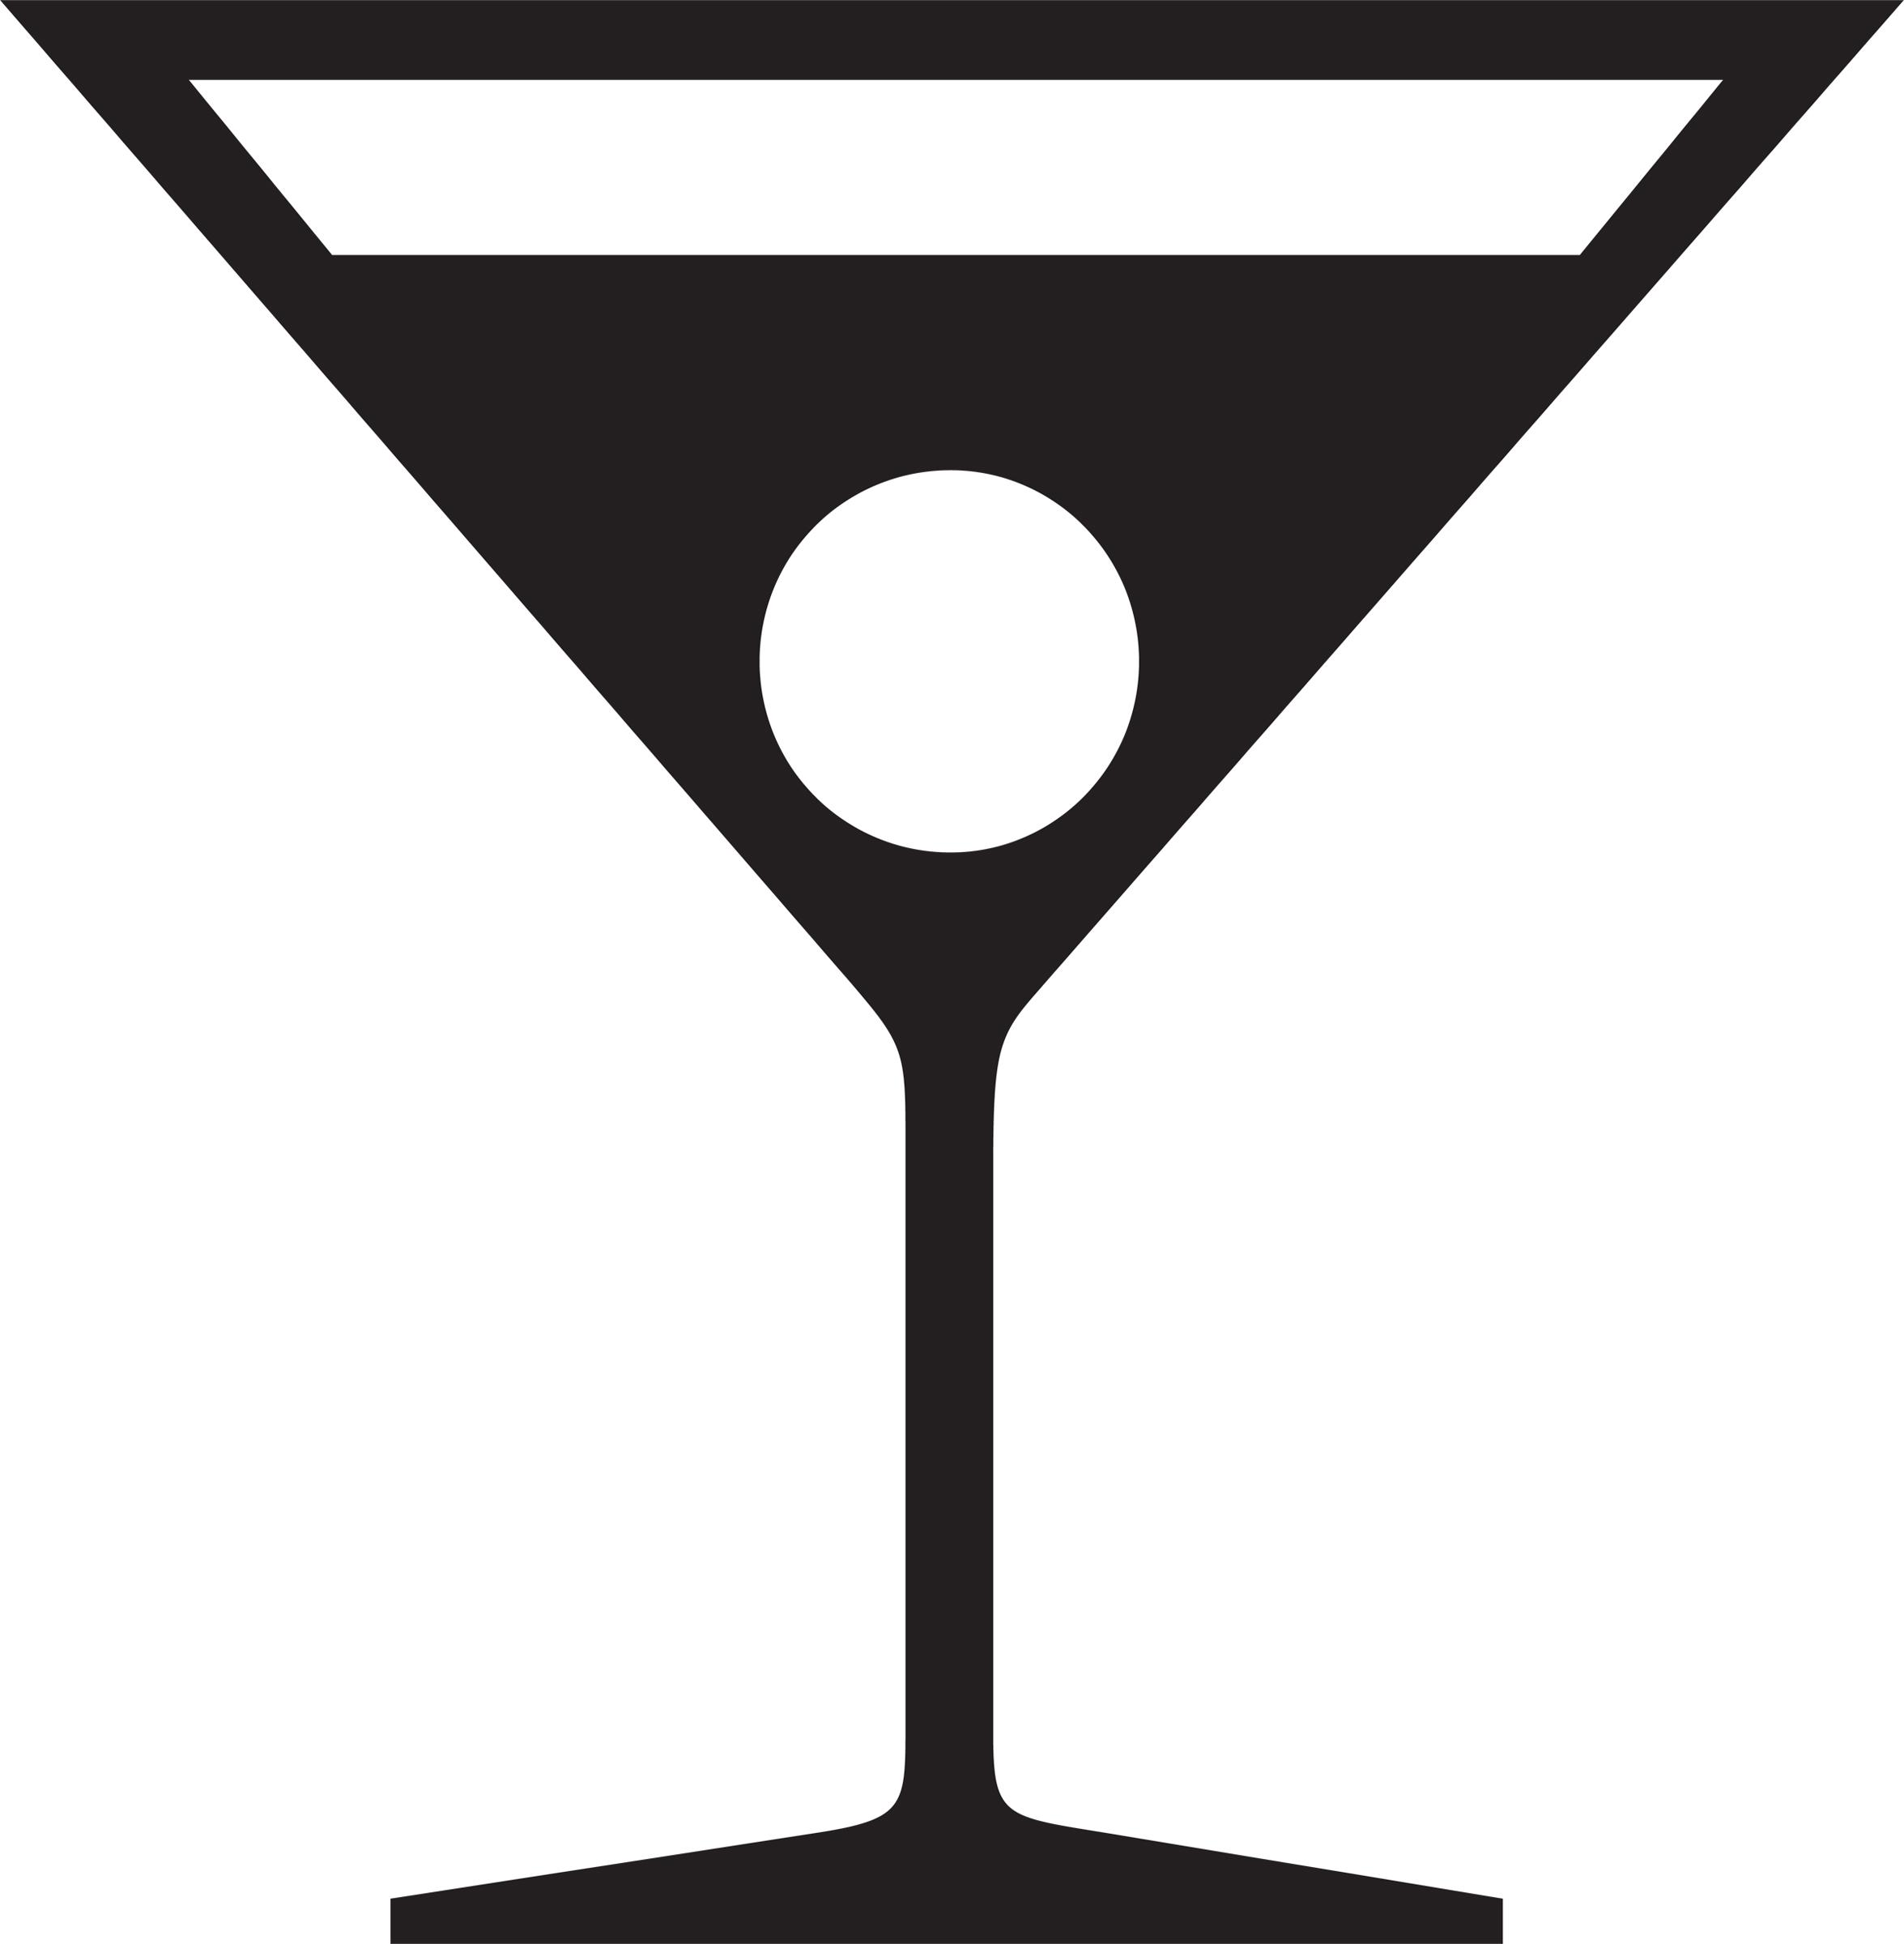 martini glasses clipart best clip art martini glass for birthday clipart martini glass with olive